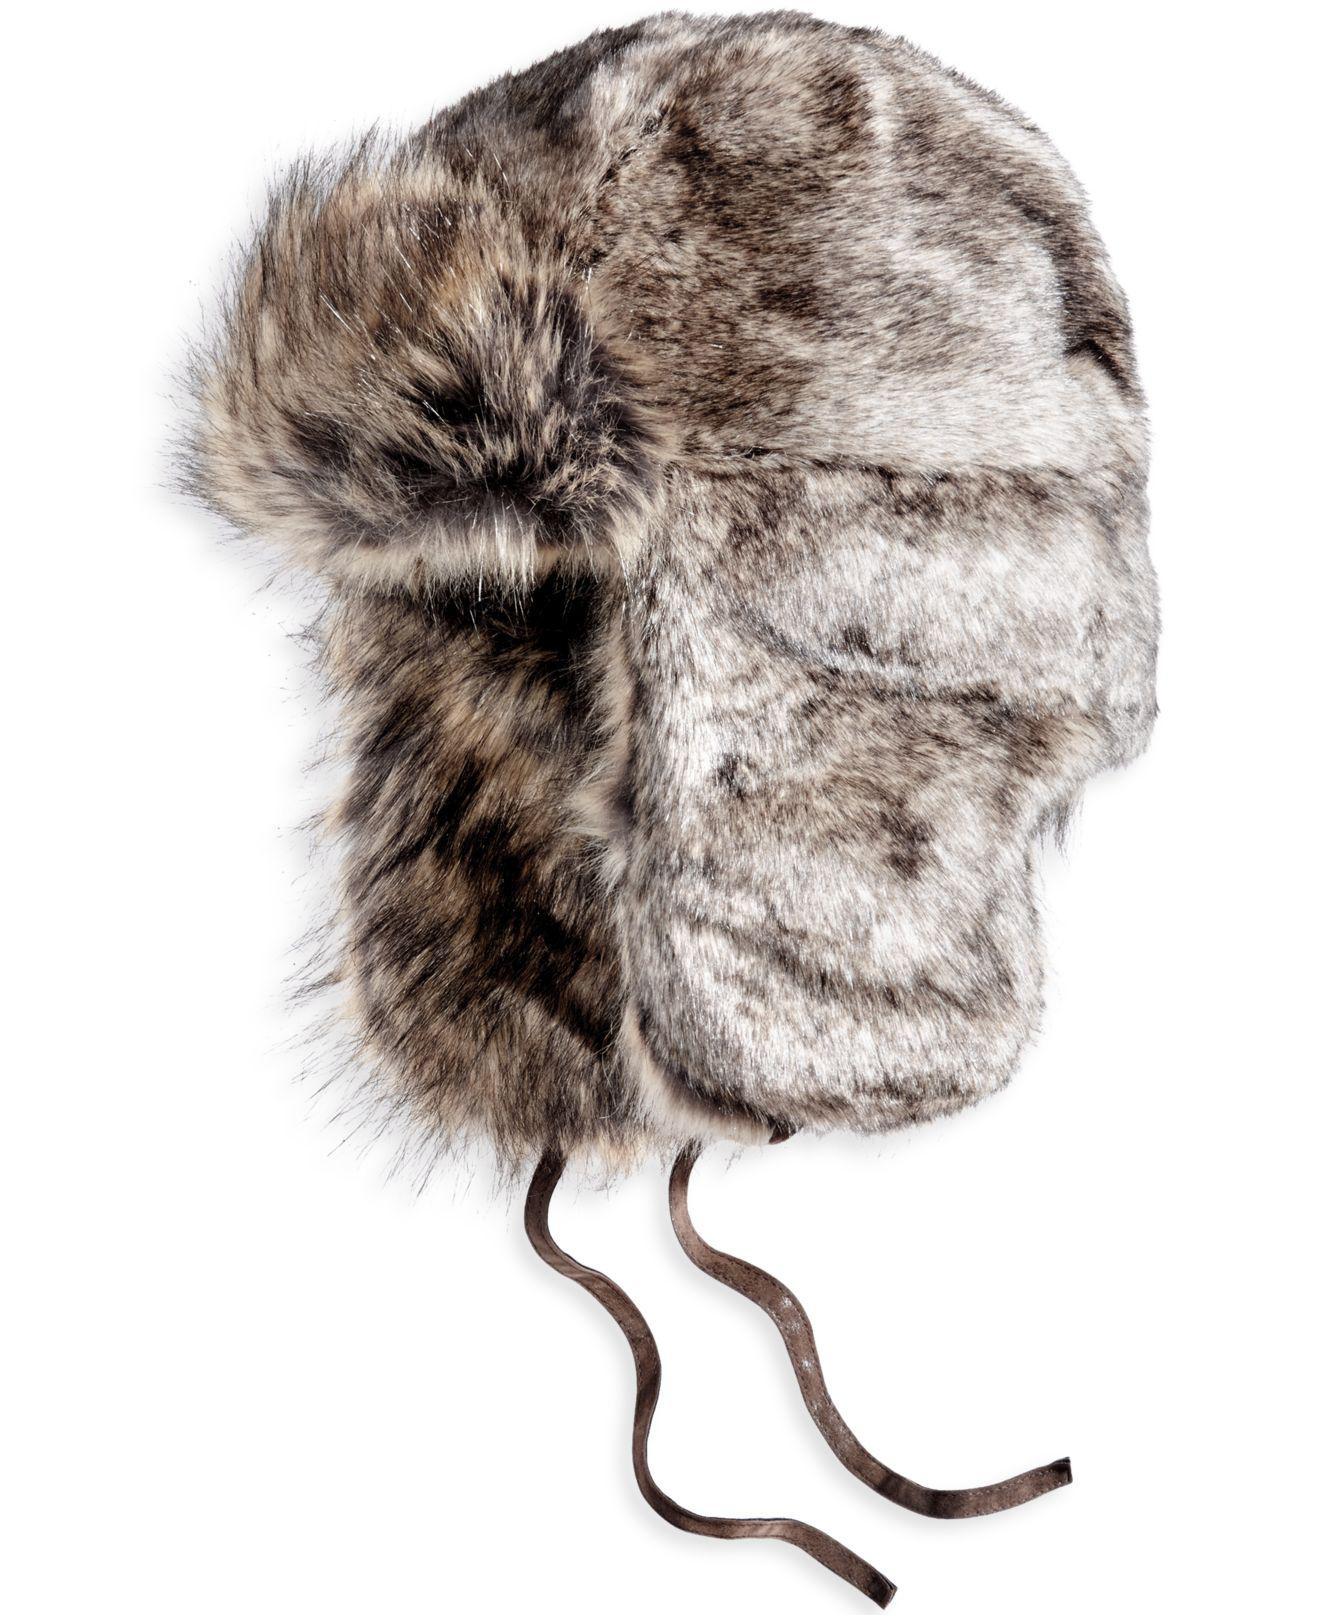 b4054a4d8da Lyst - Woolrich Men s Faux-fur Trooper Hat in Brown for Men